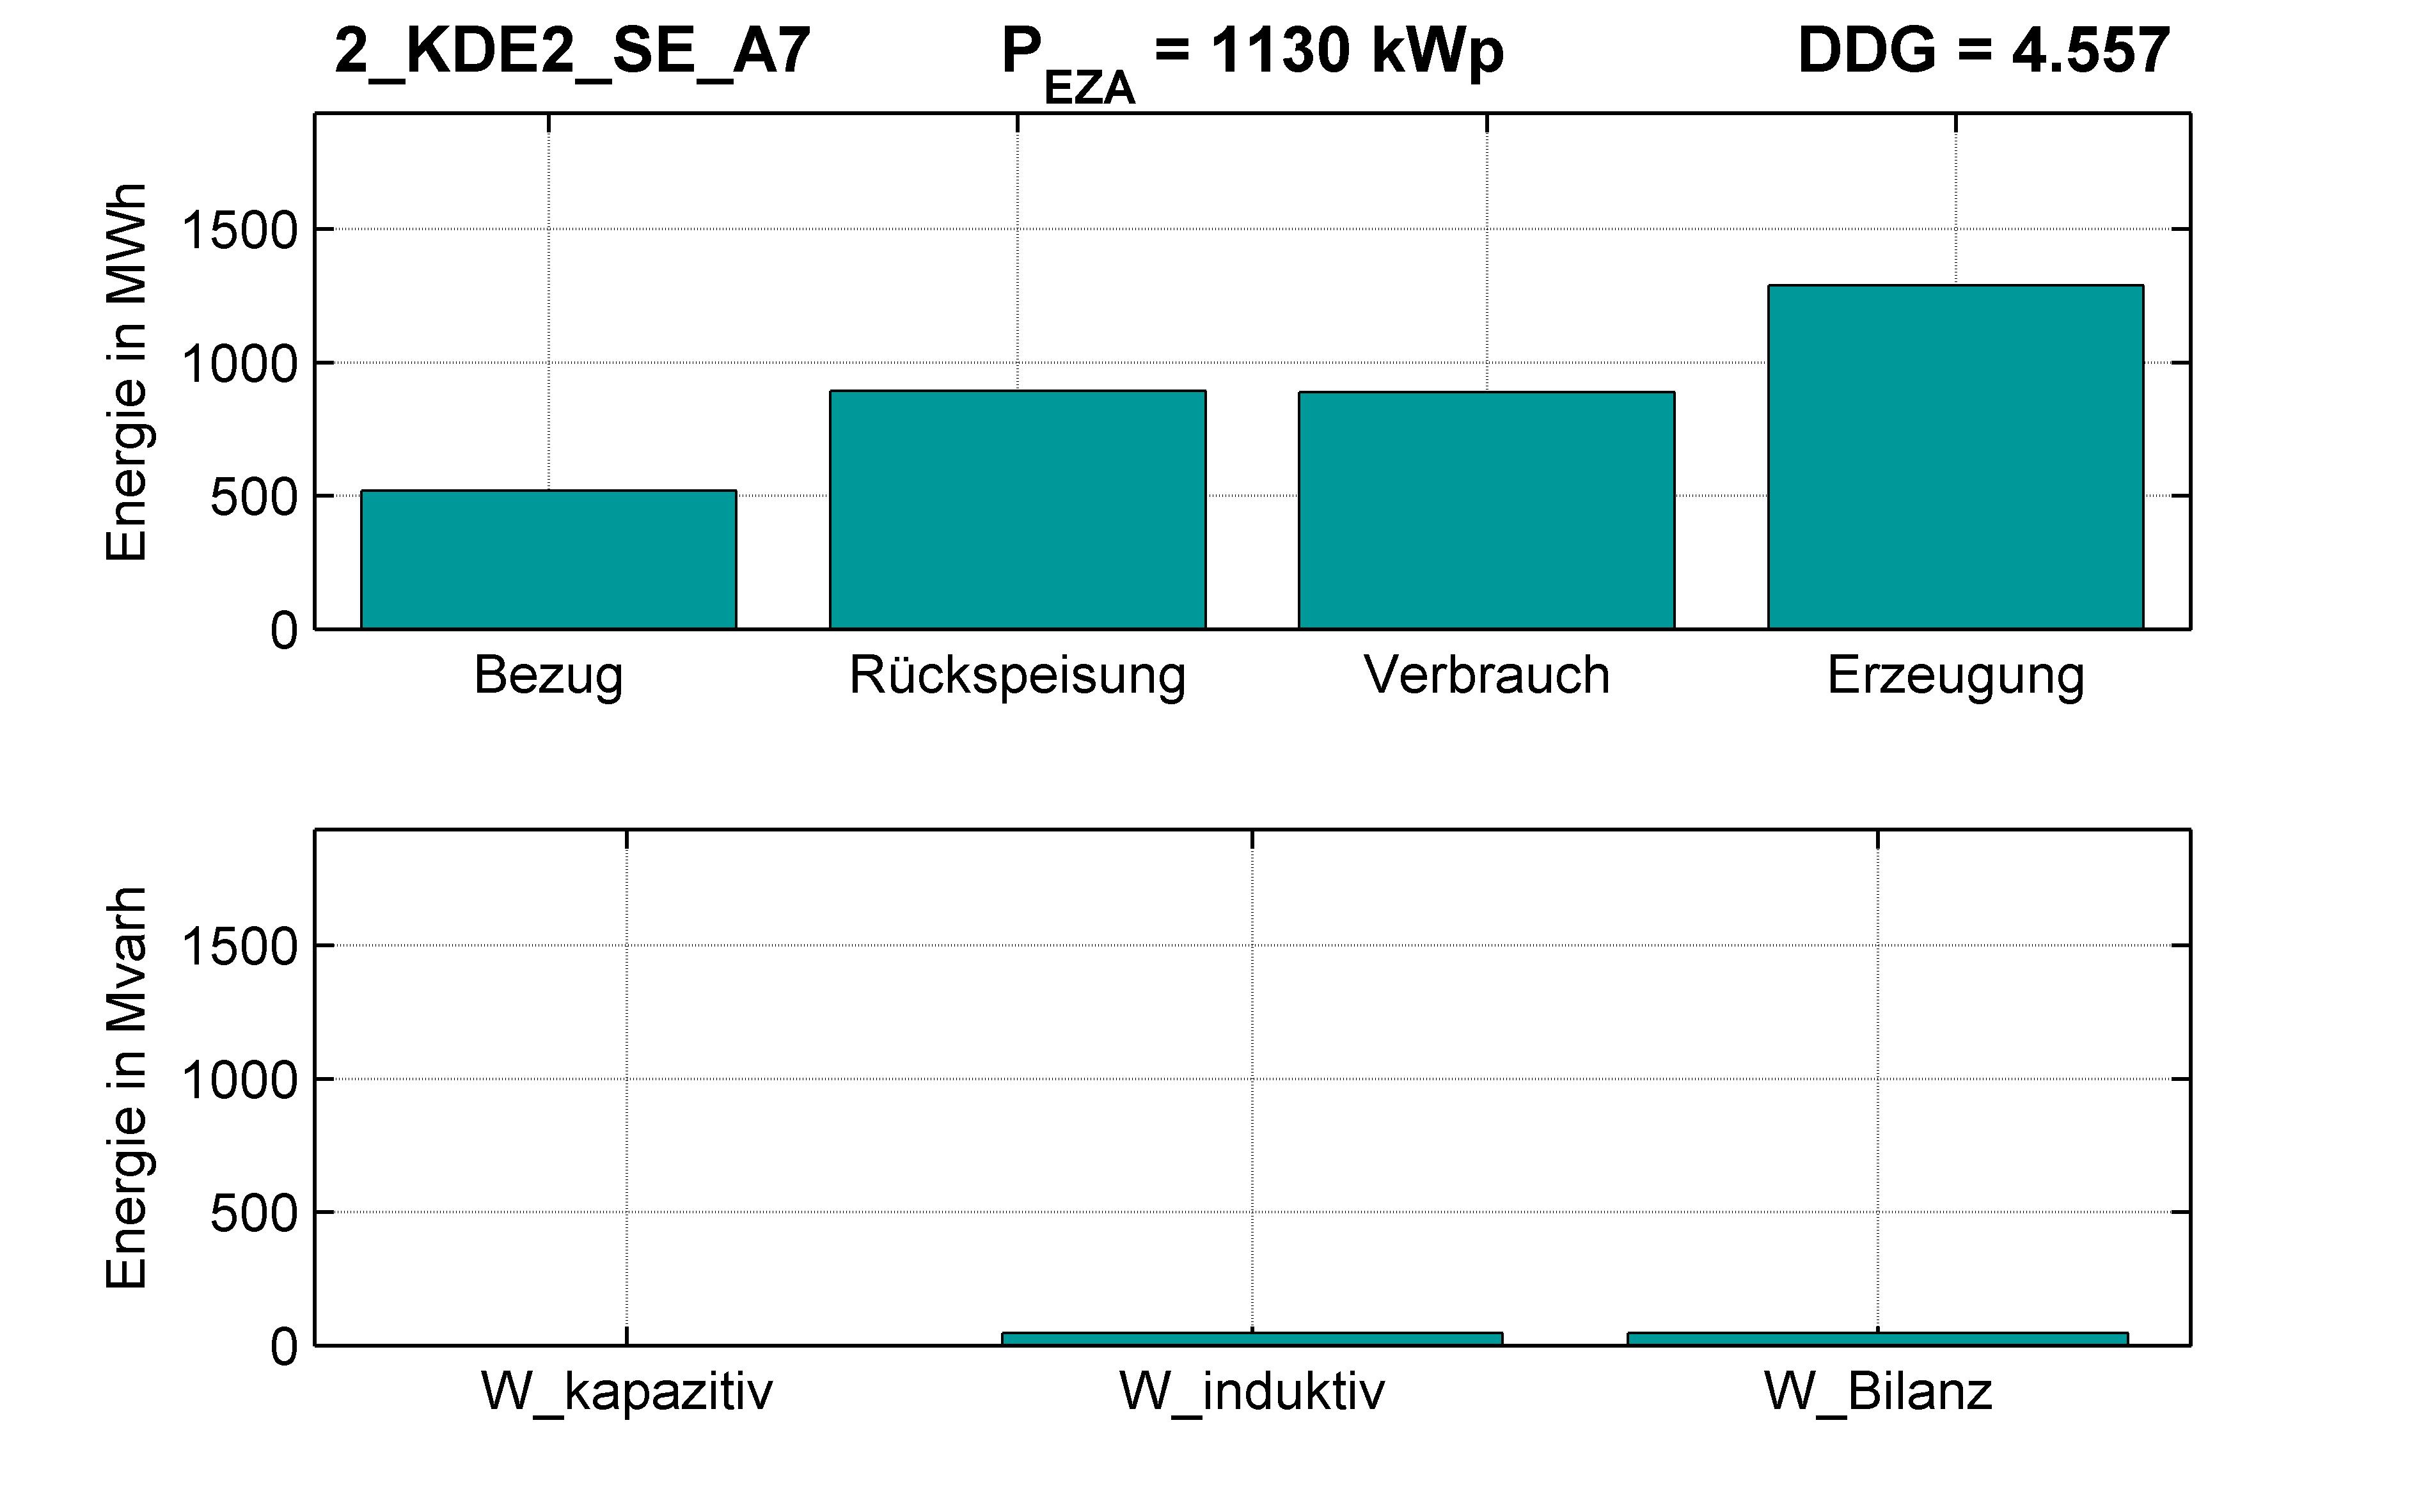 KDE2 | P-Kappung 85% (SE) A7 | PQ-Bilanz